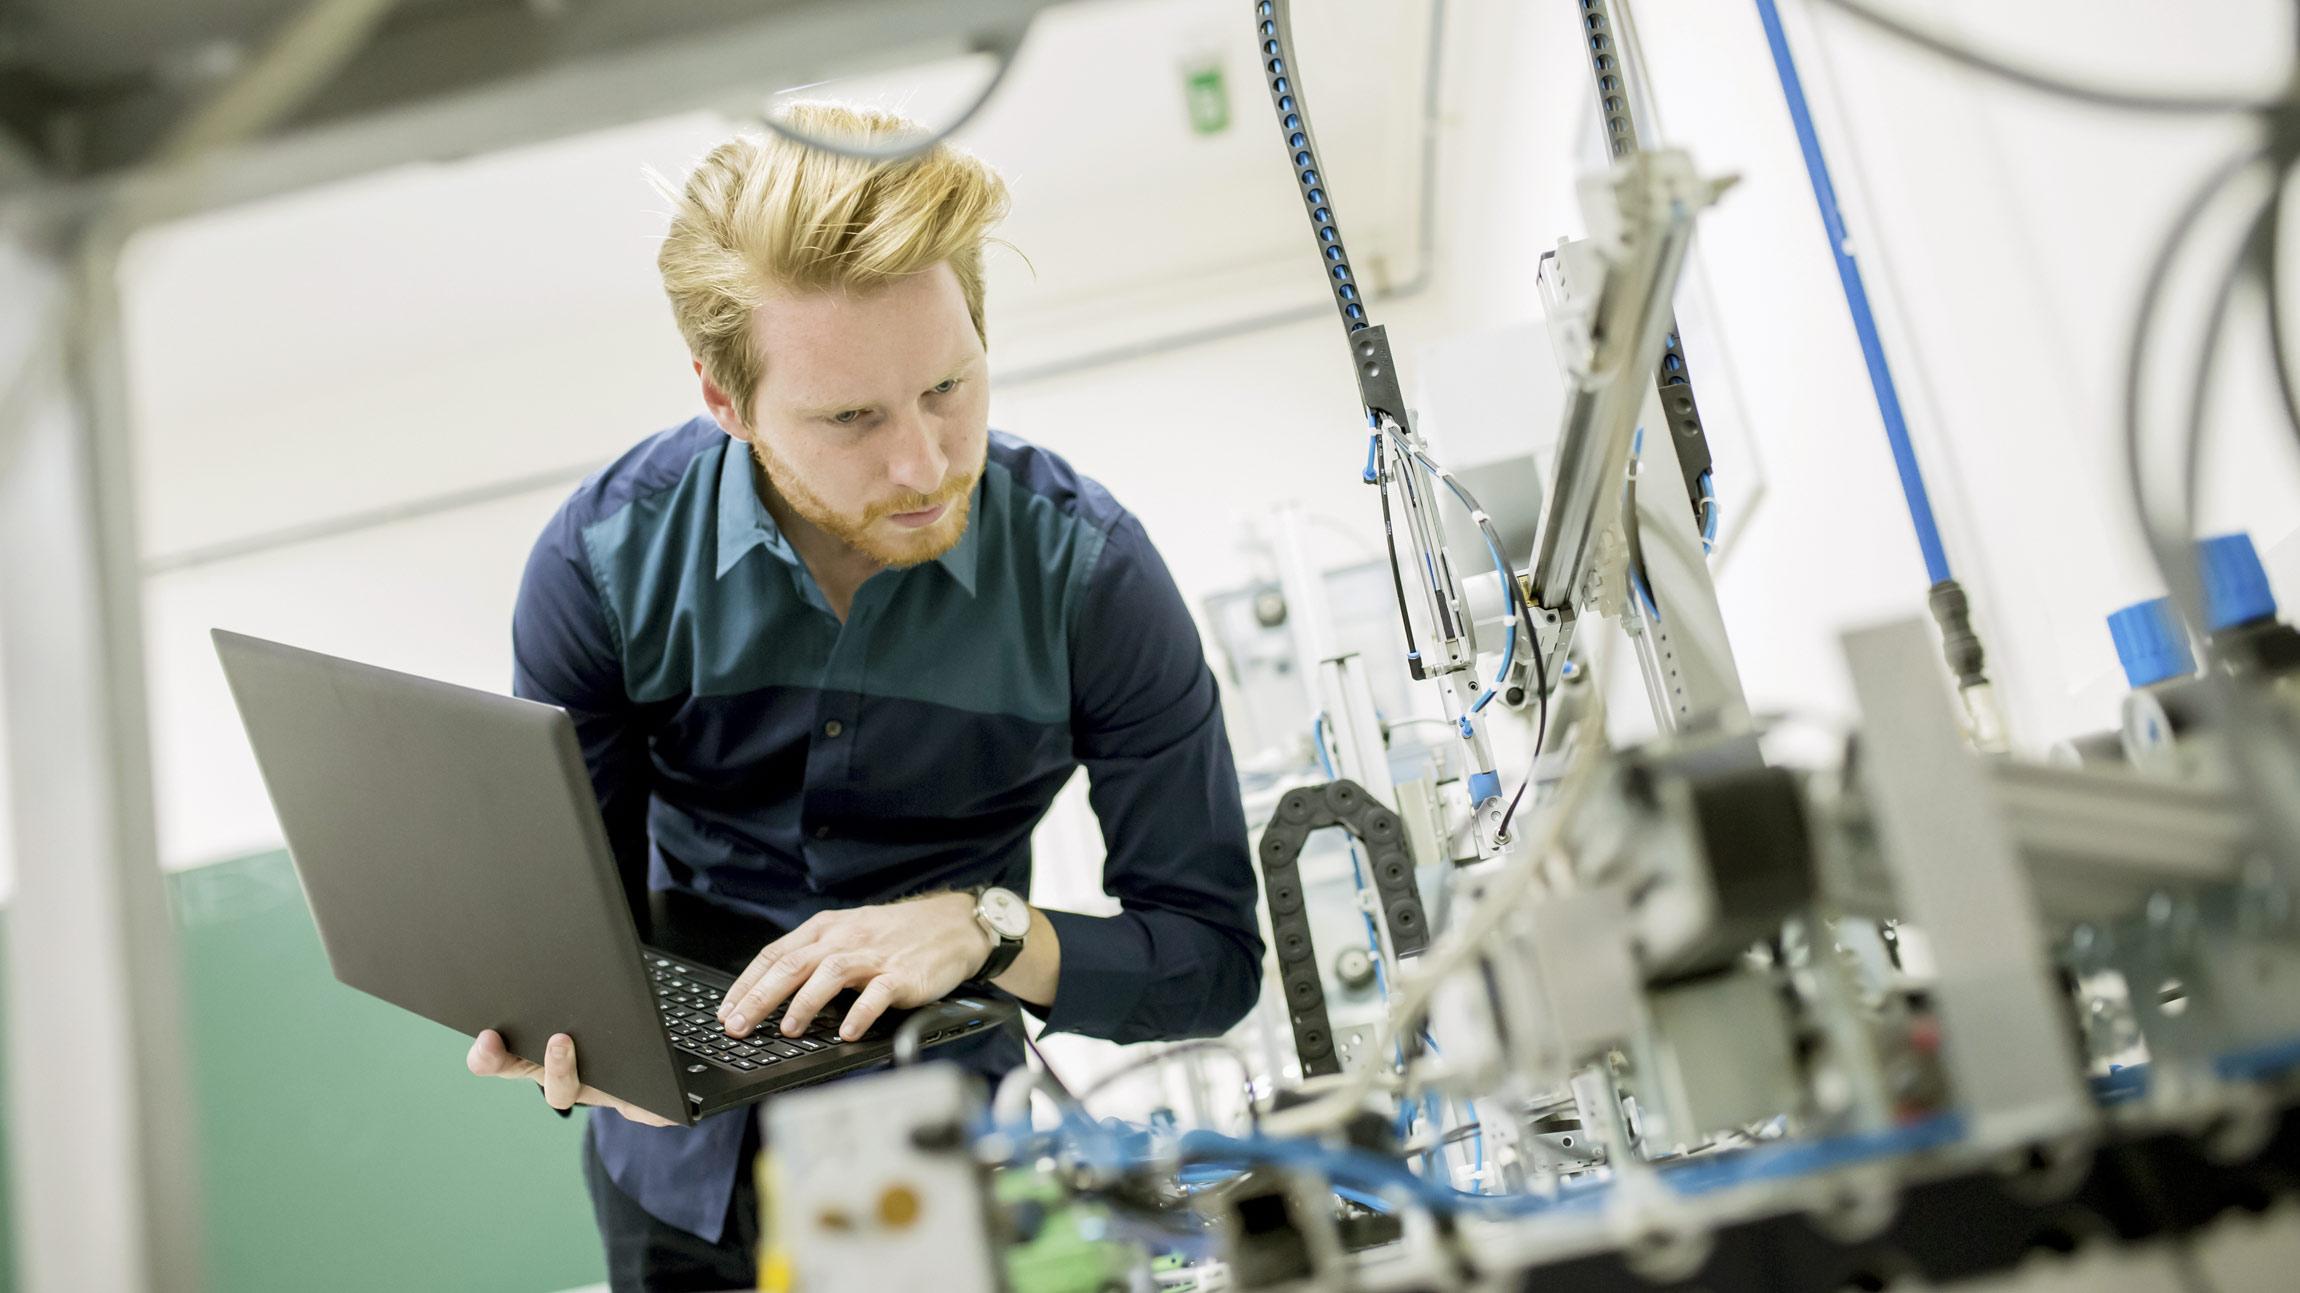 Elektroniikkateollisuuden ja sähköteollisuuden insinööritehtävät, projektinjohtotehtävät ja asennustehtävät